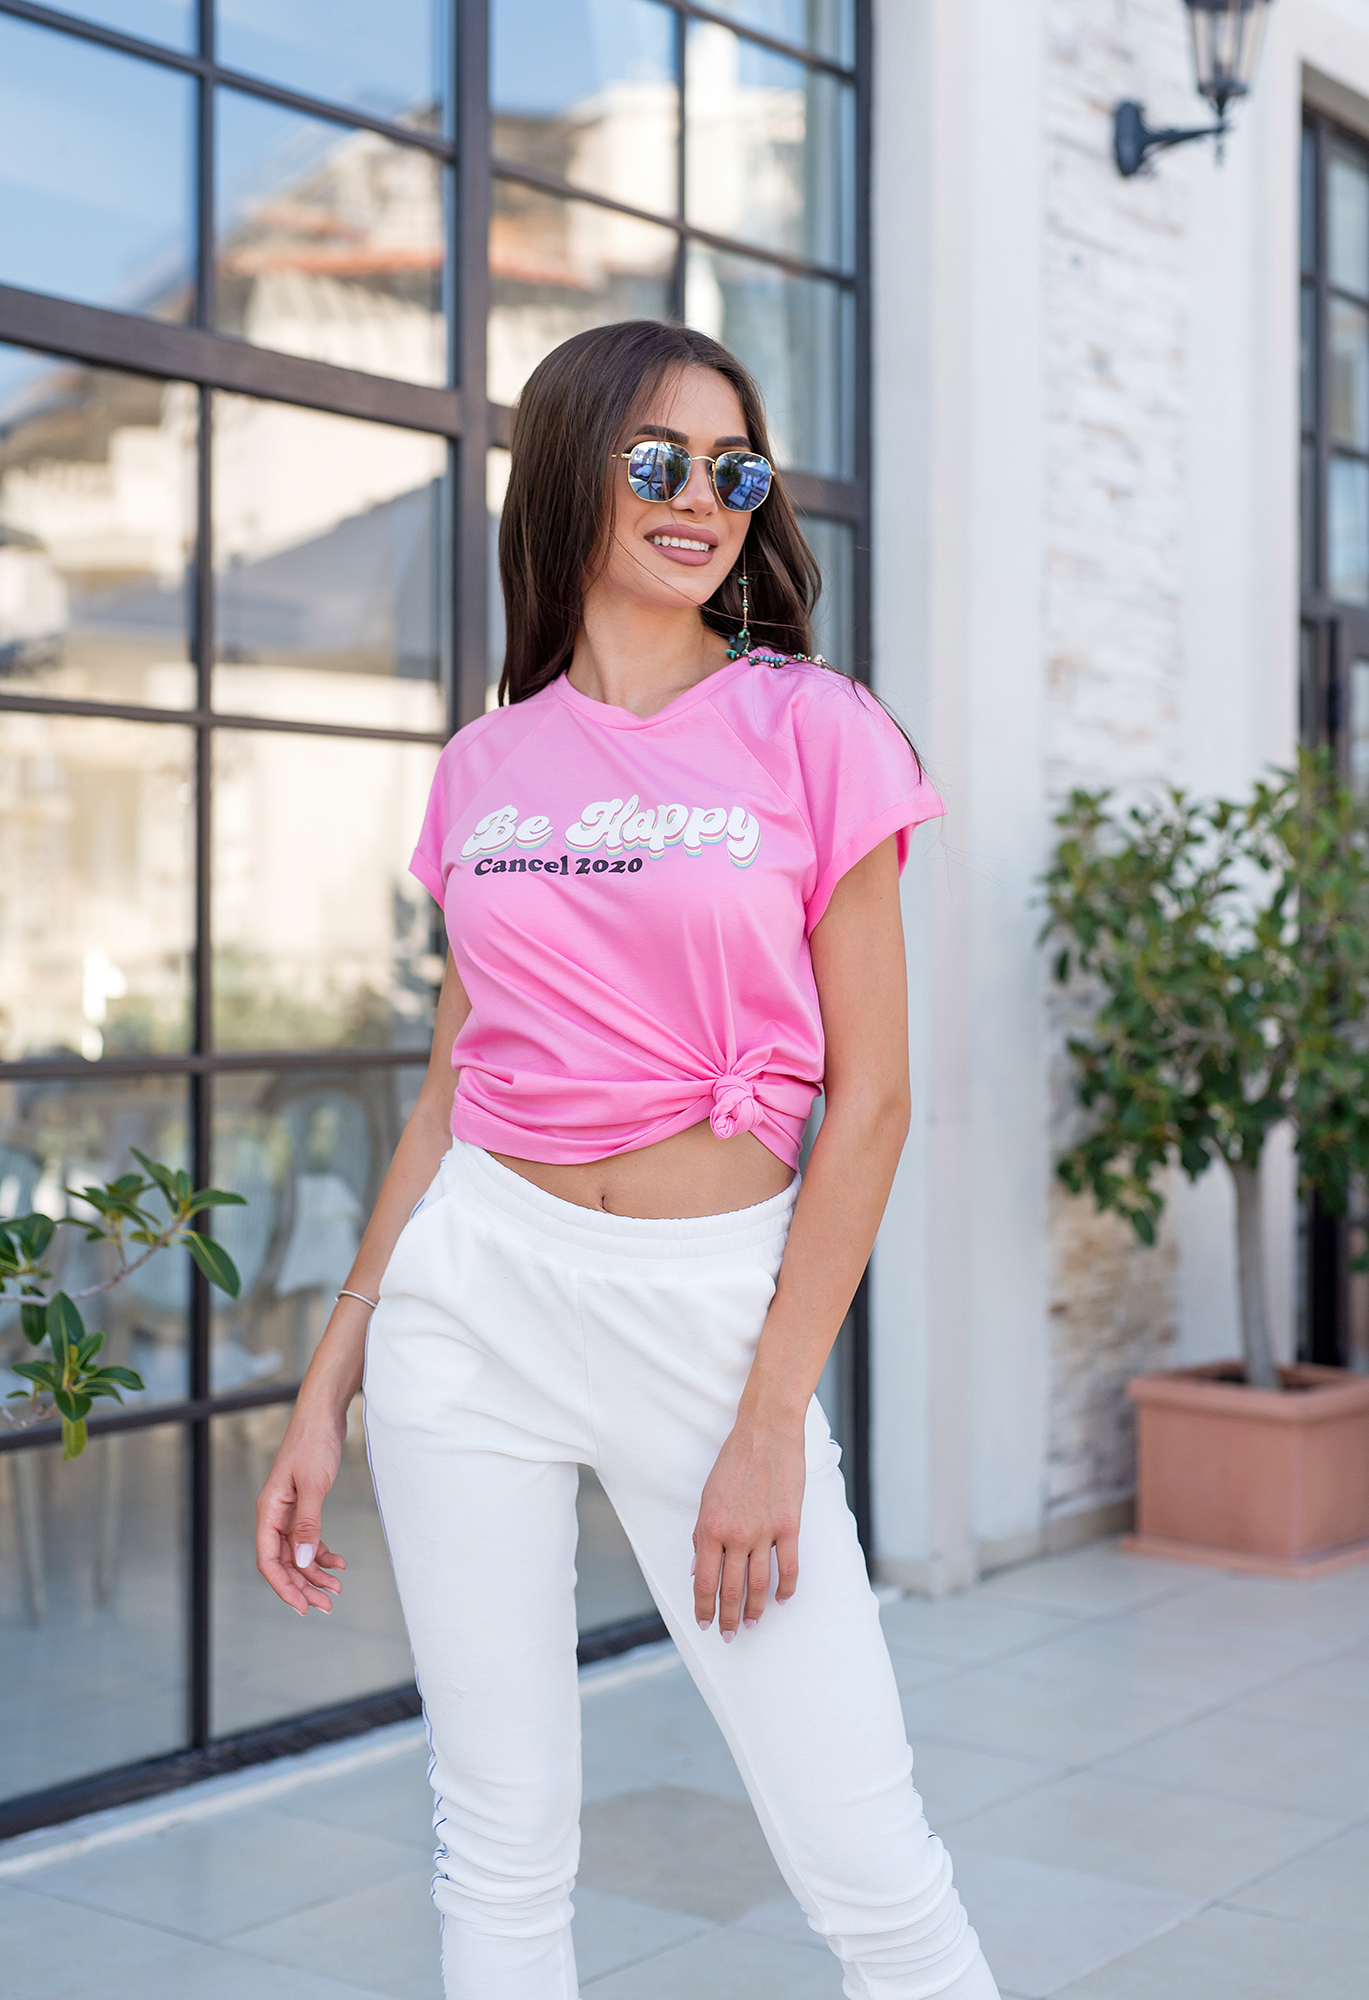 Тениска розова BE HAPPY, CANCEL 2020